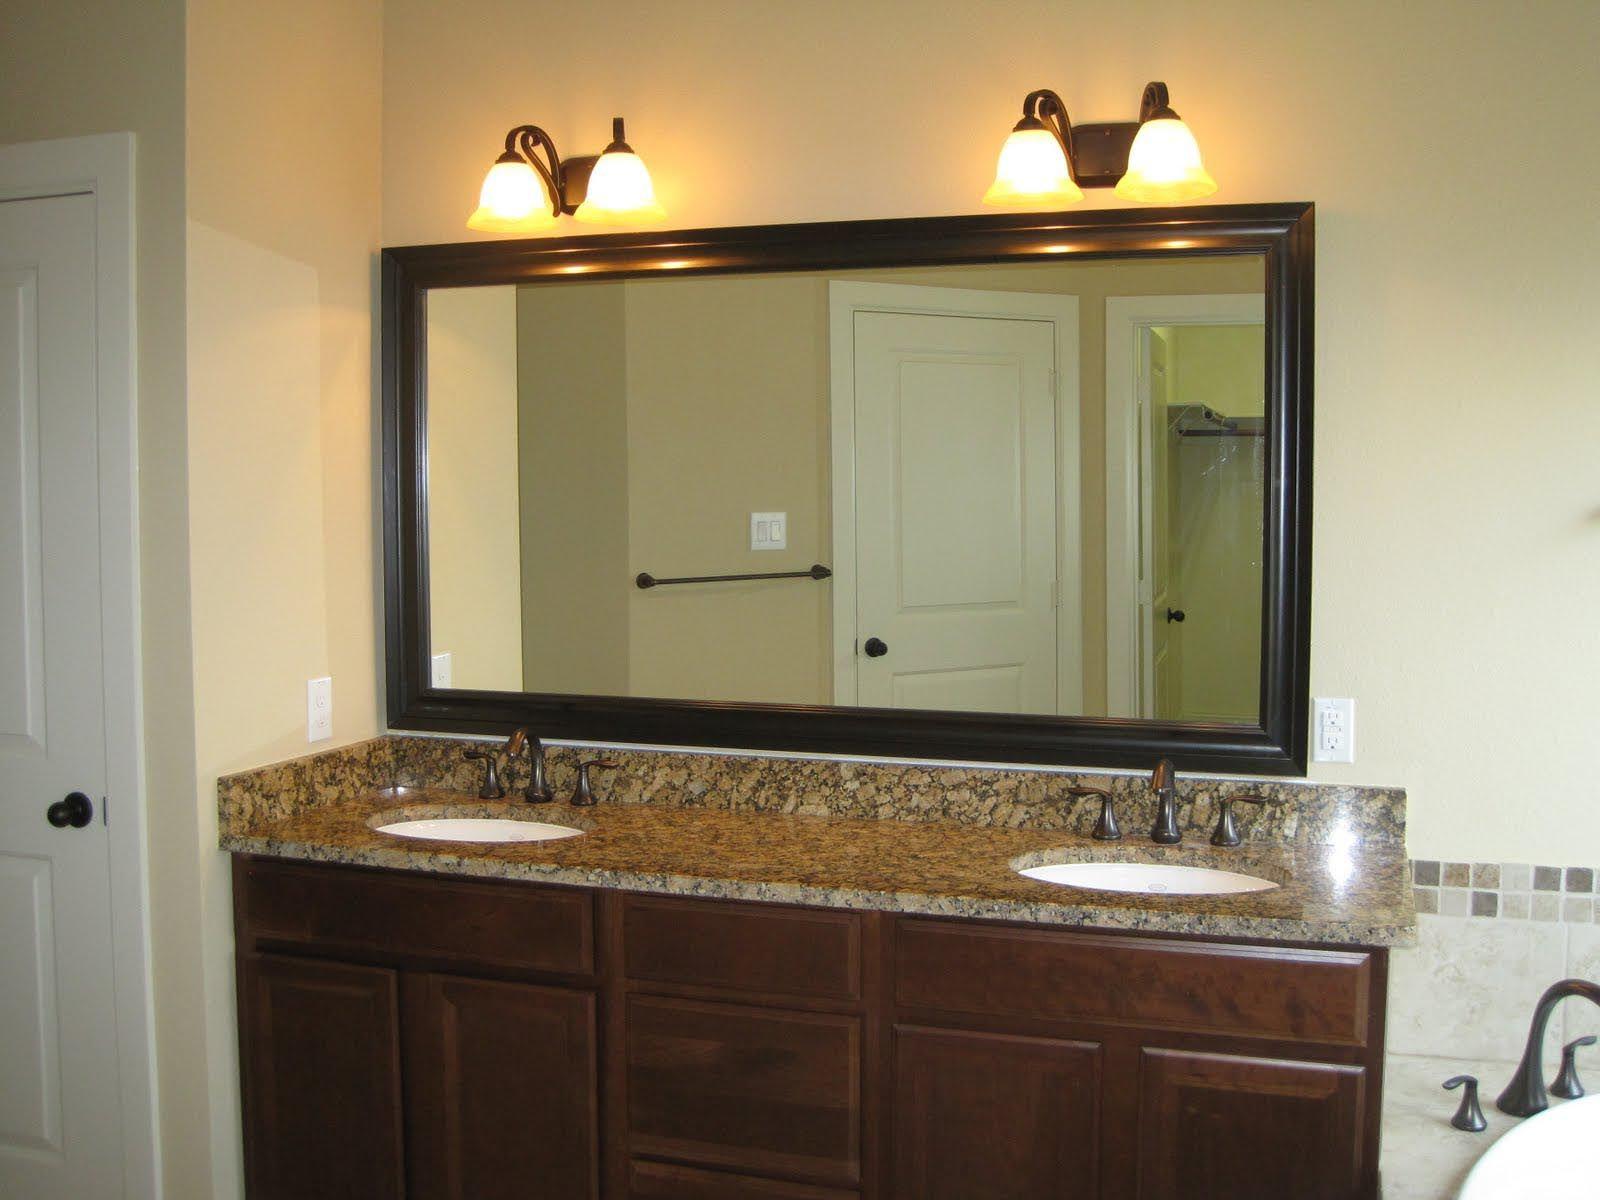 Antique Bronze Light Fixtures Bathroom lighting